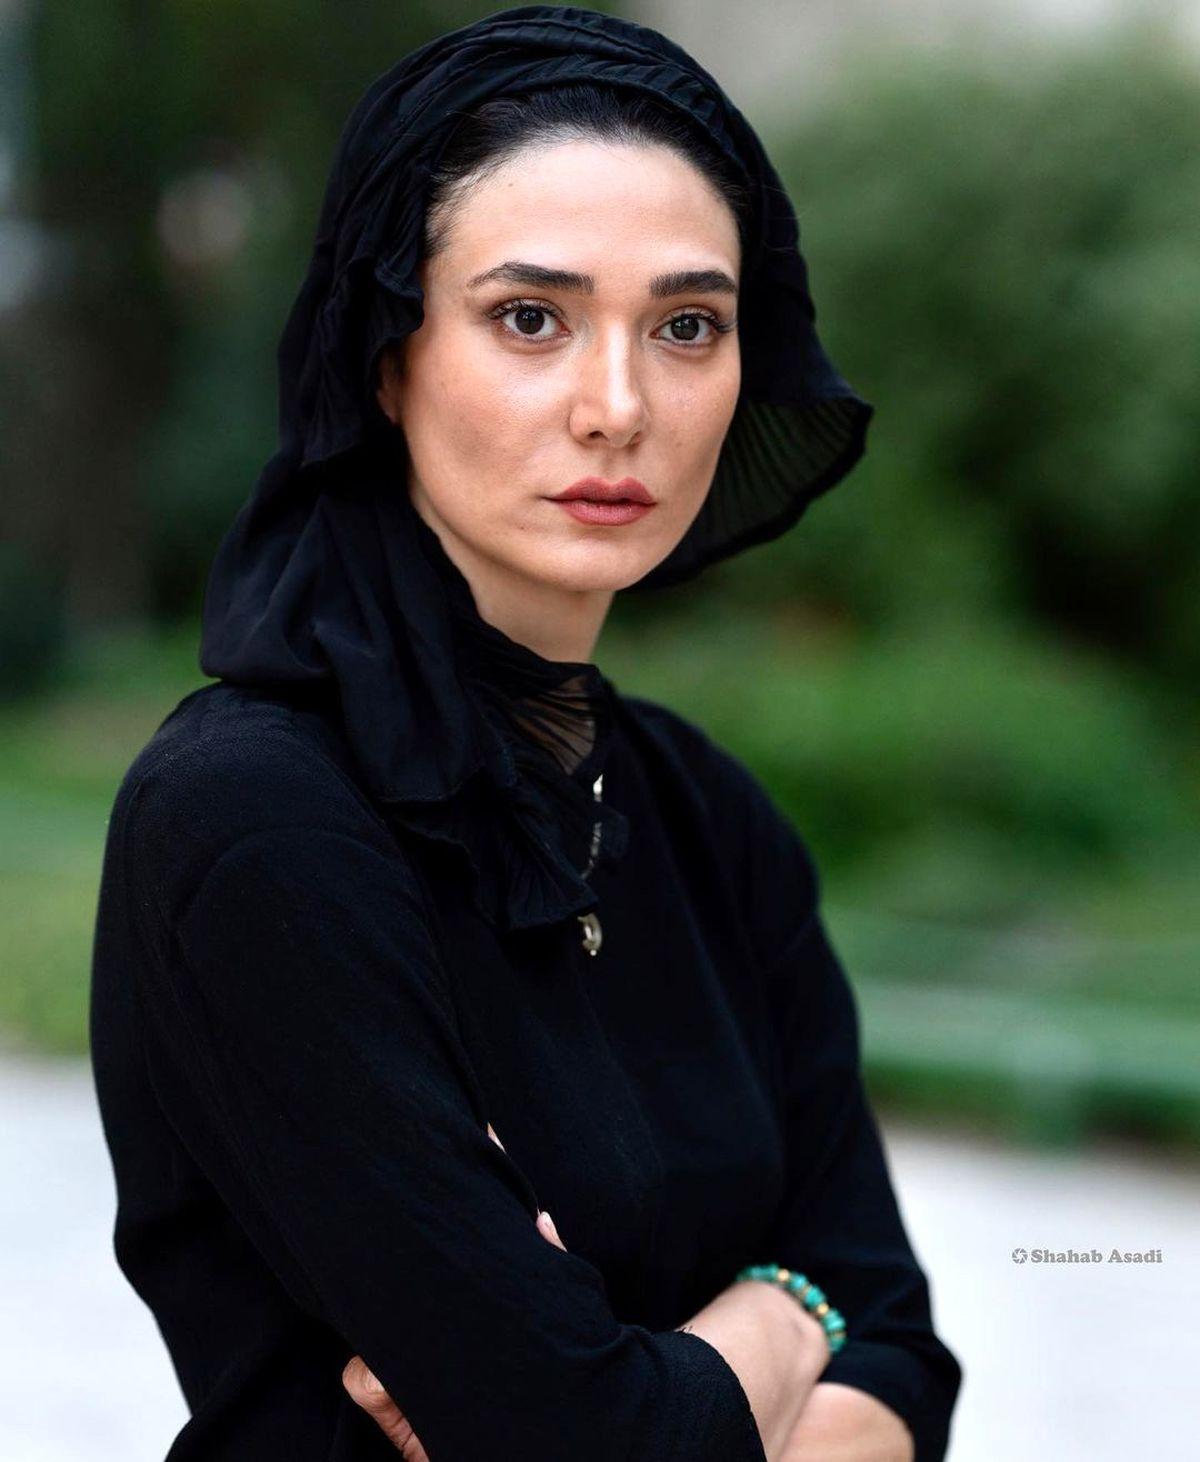 رابطه پنهانی بازیگر سریال افرا با رضا کیانیان   عکسهای مینا وحید بازیگر سریال افرا